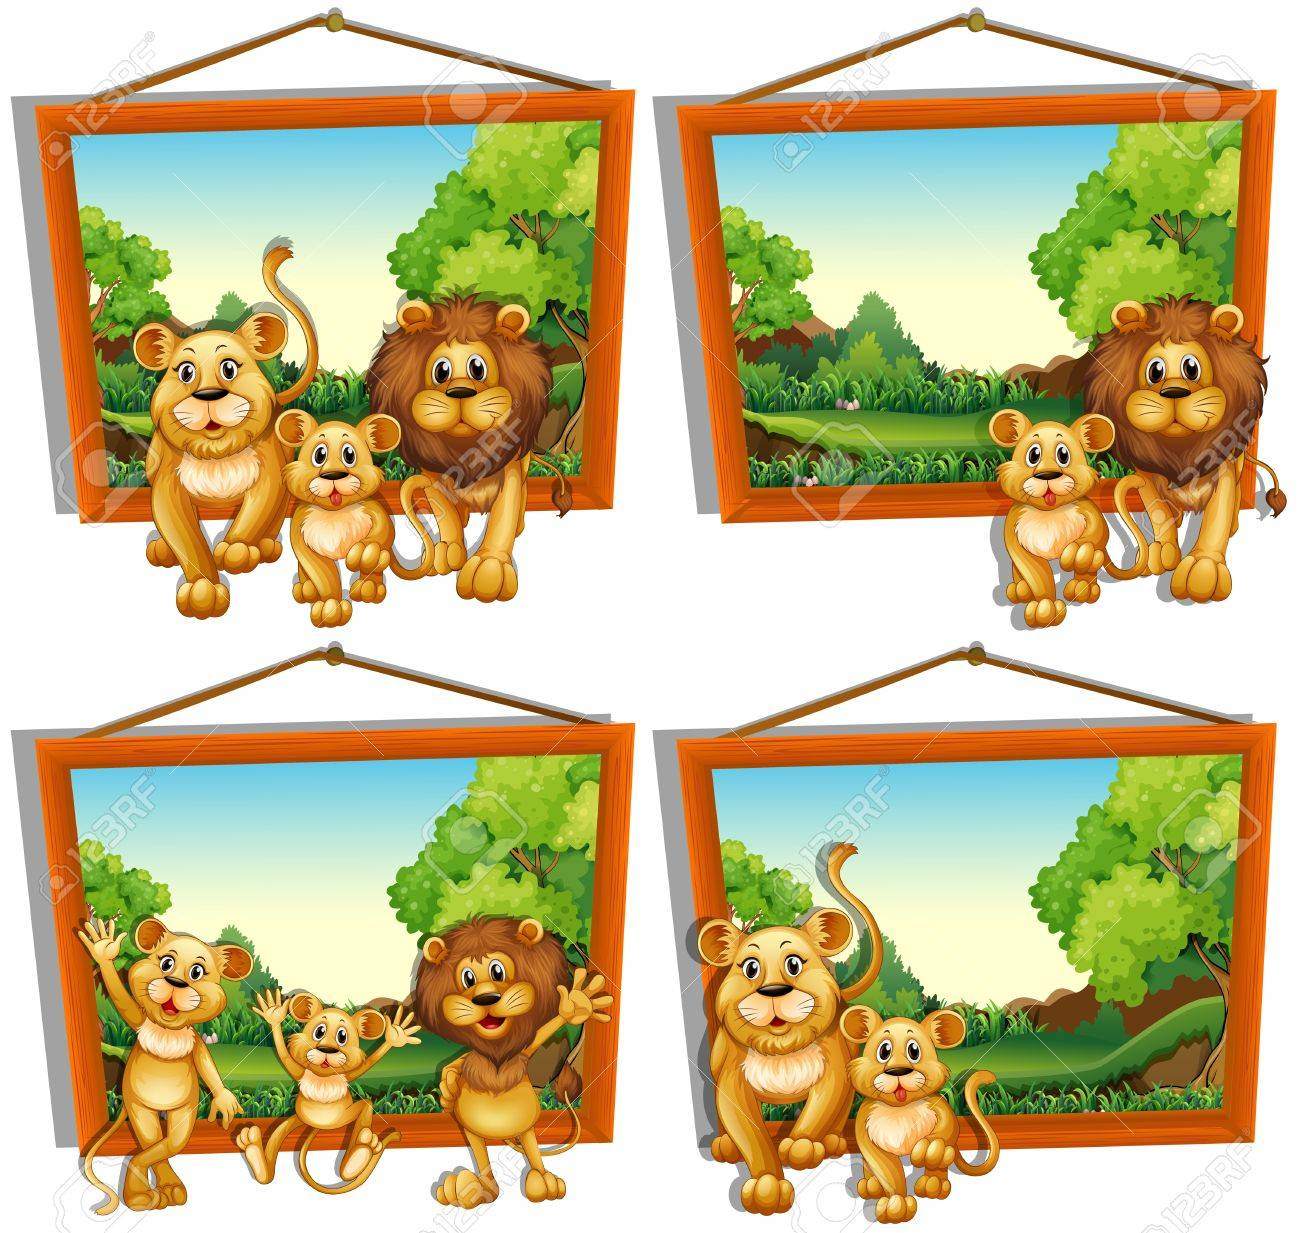 Vier Digitale Bilderrahmen Von Löwenfamilie Illustration Lizenzfrei ...